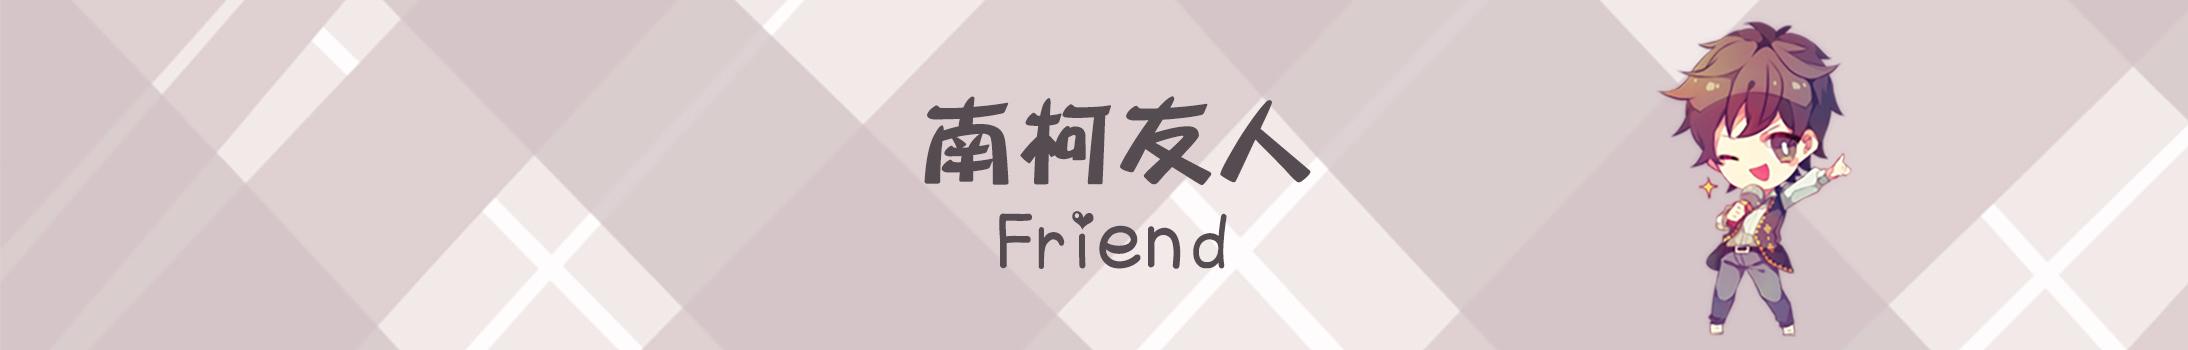 南柯友人 banner